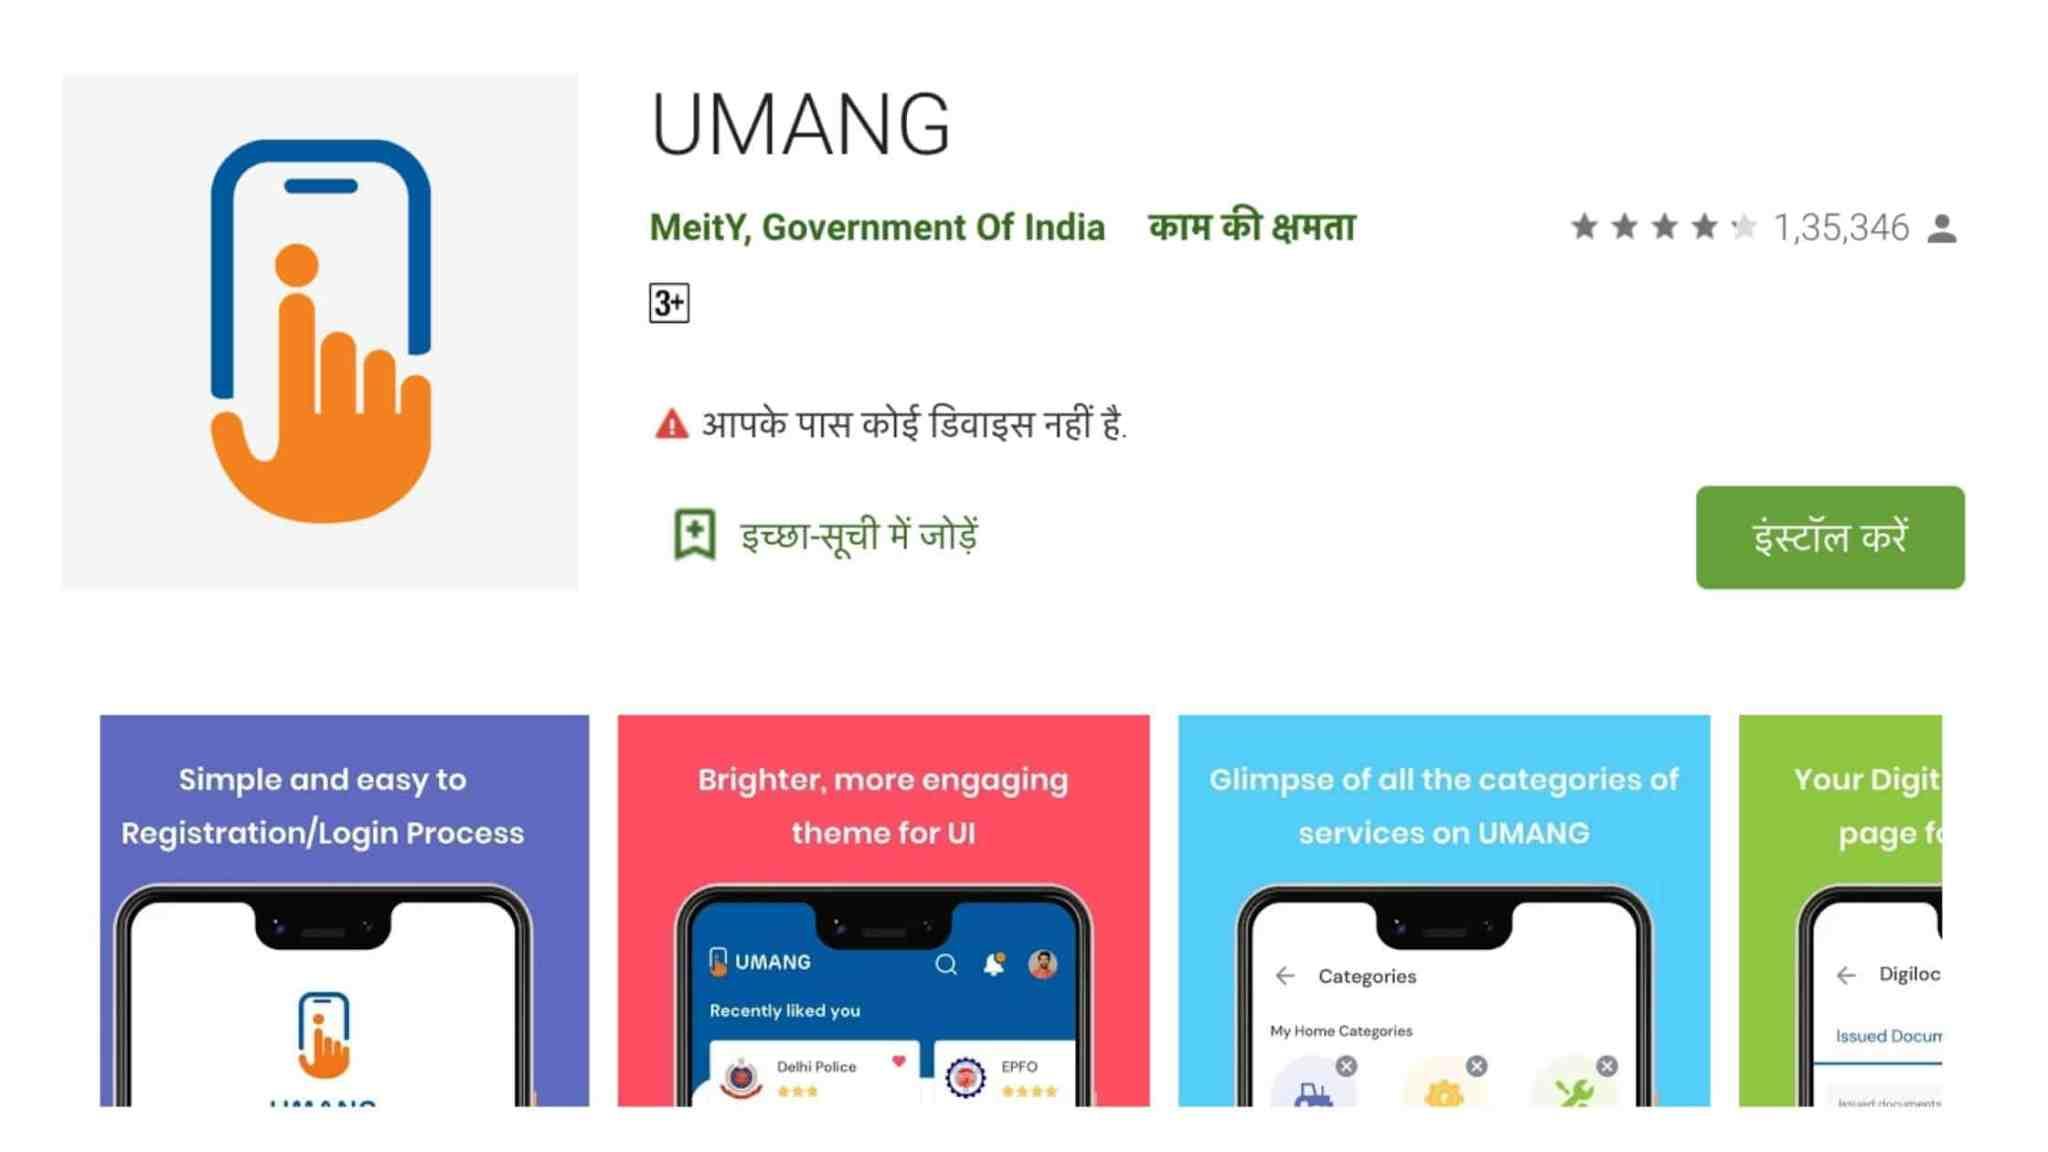 umang-app-in-hindi